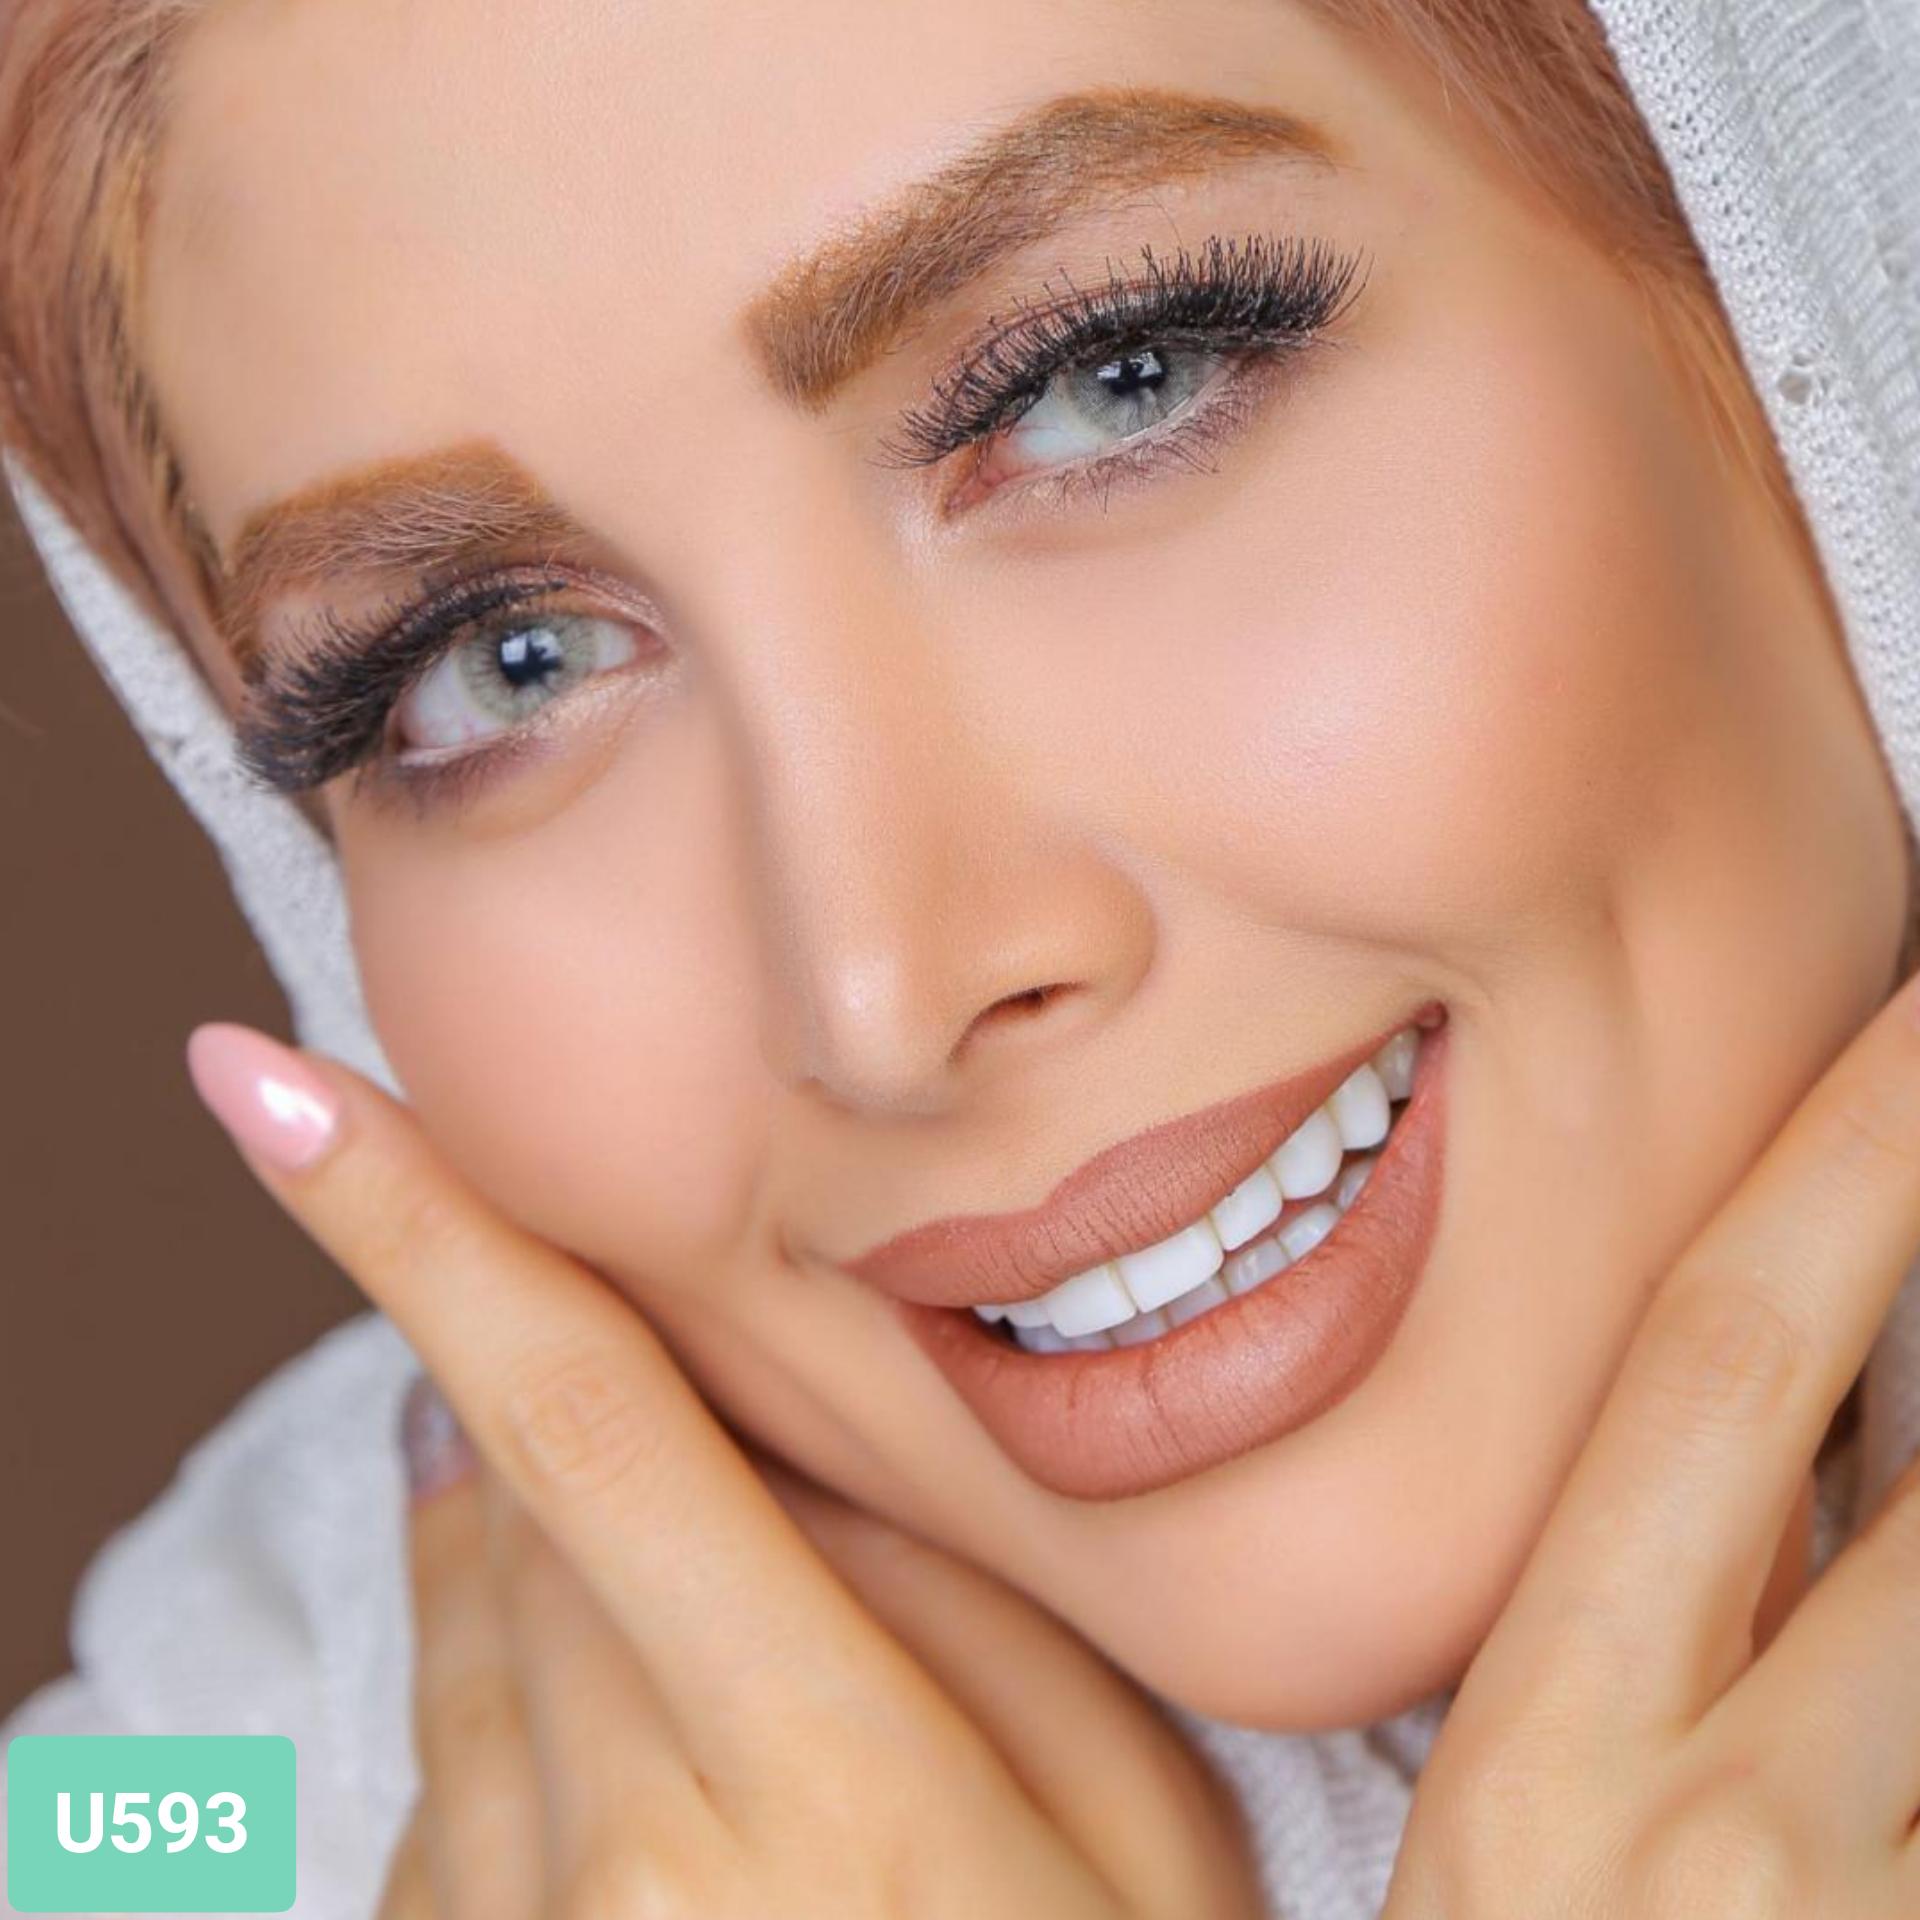 فروش لنز U593 (کرمی بژ)  برند کلیرویژن رنگی بهمراه قیمت امروز لنز رنگی و قیمت امروز لنز طبی